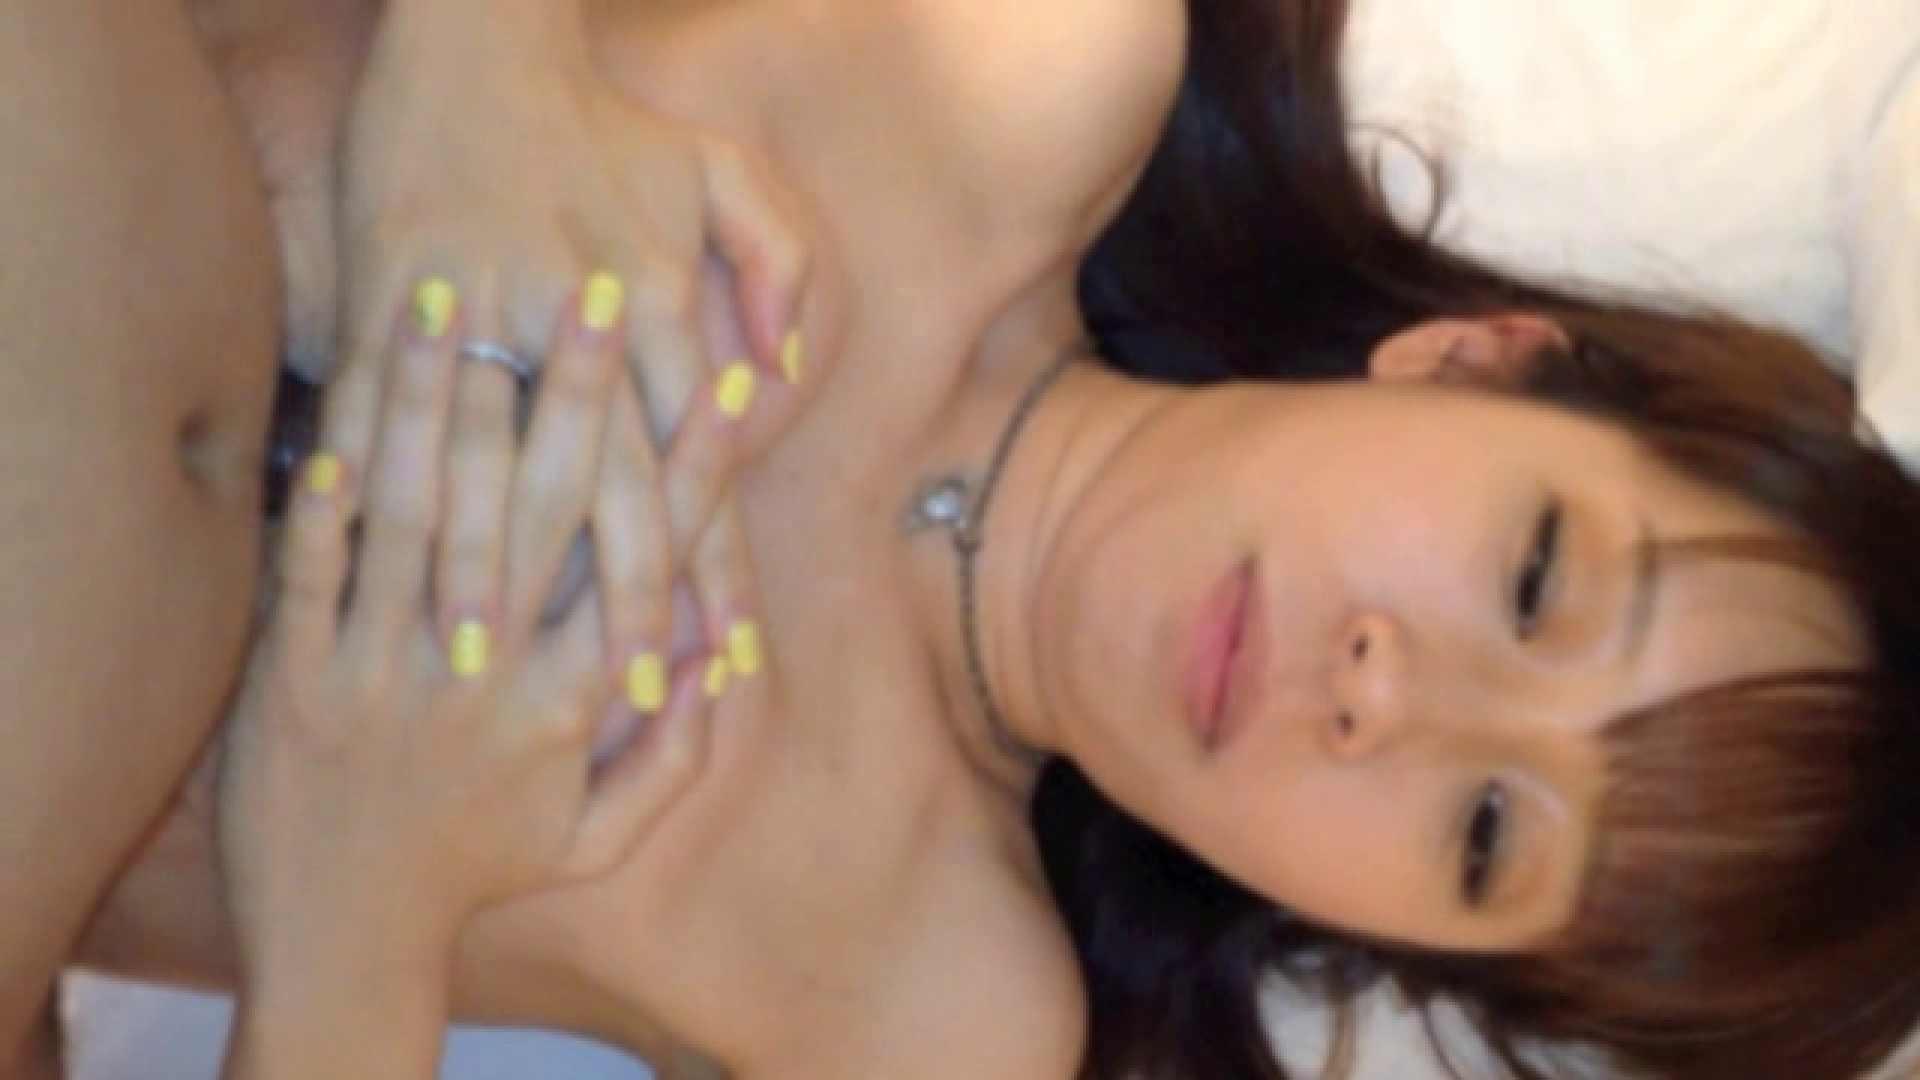 ドラゴン2世 チャラ男の個人撮影 Vol.17 超かわいい彼女 ゆいか 18才 Part.08 綺麗なOLたち  71枚 48